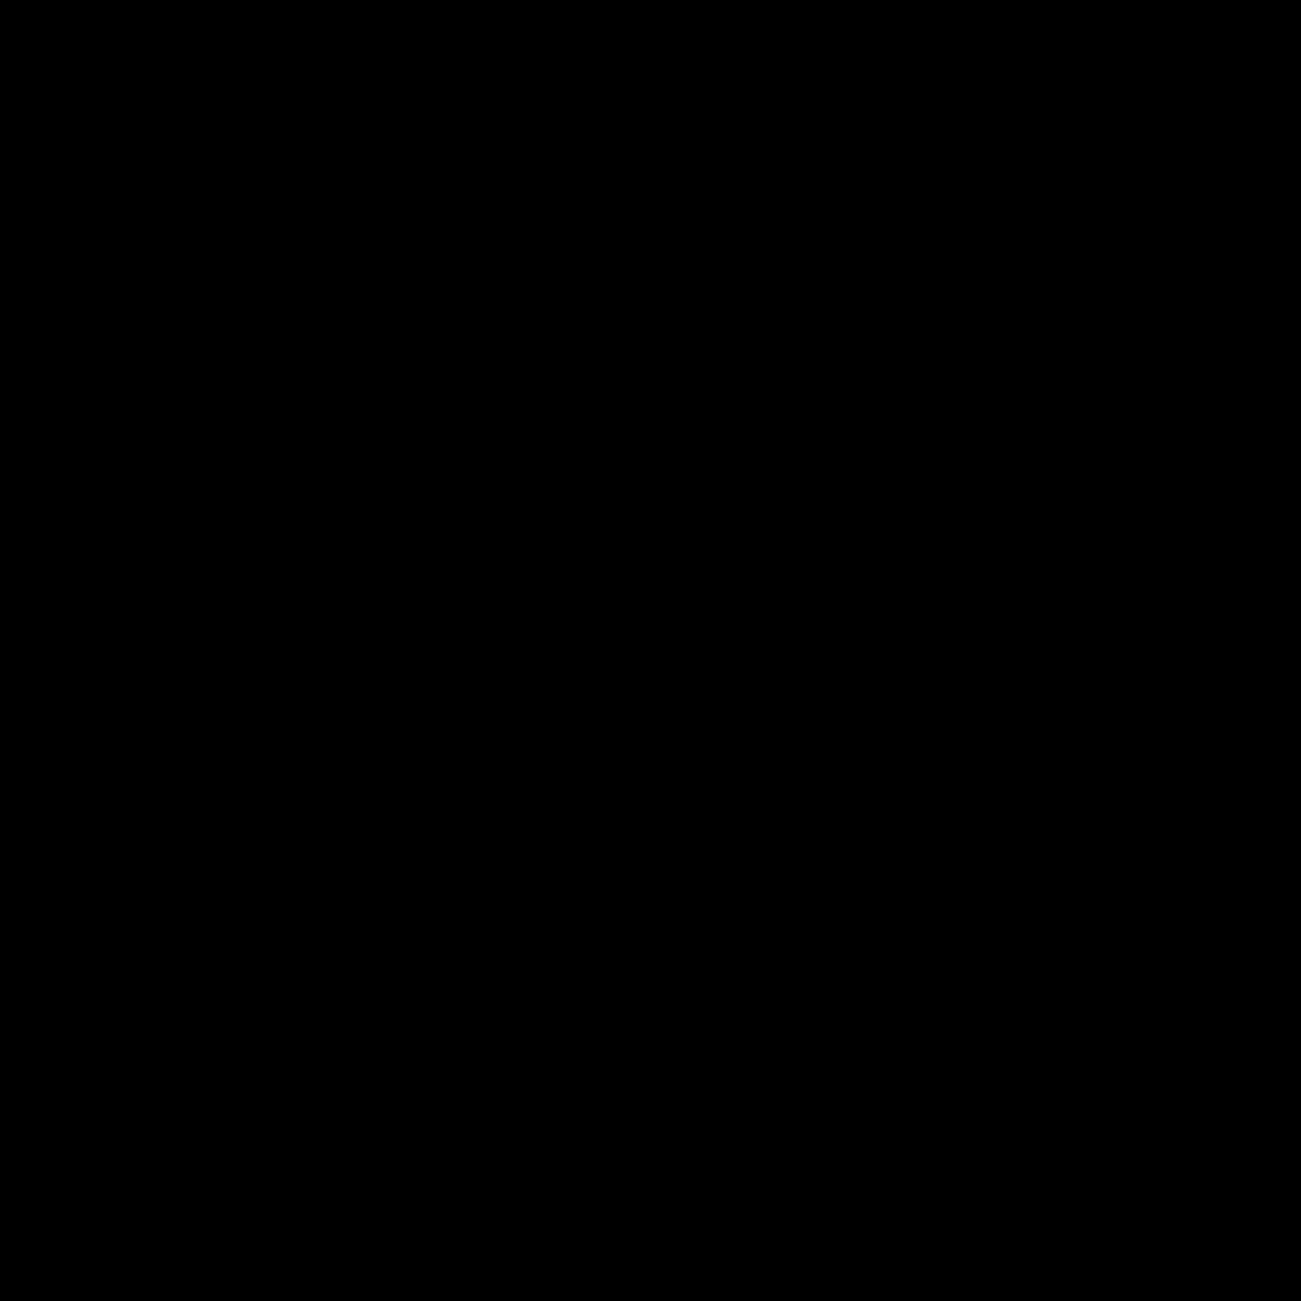 Circled B Icon.